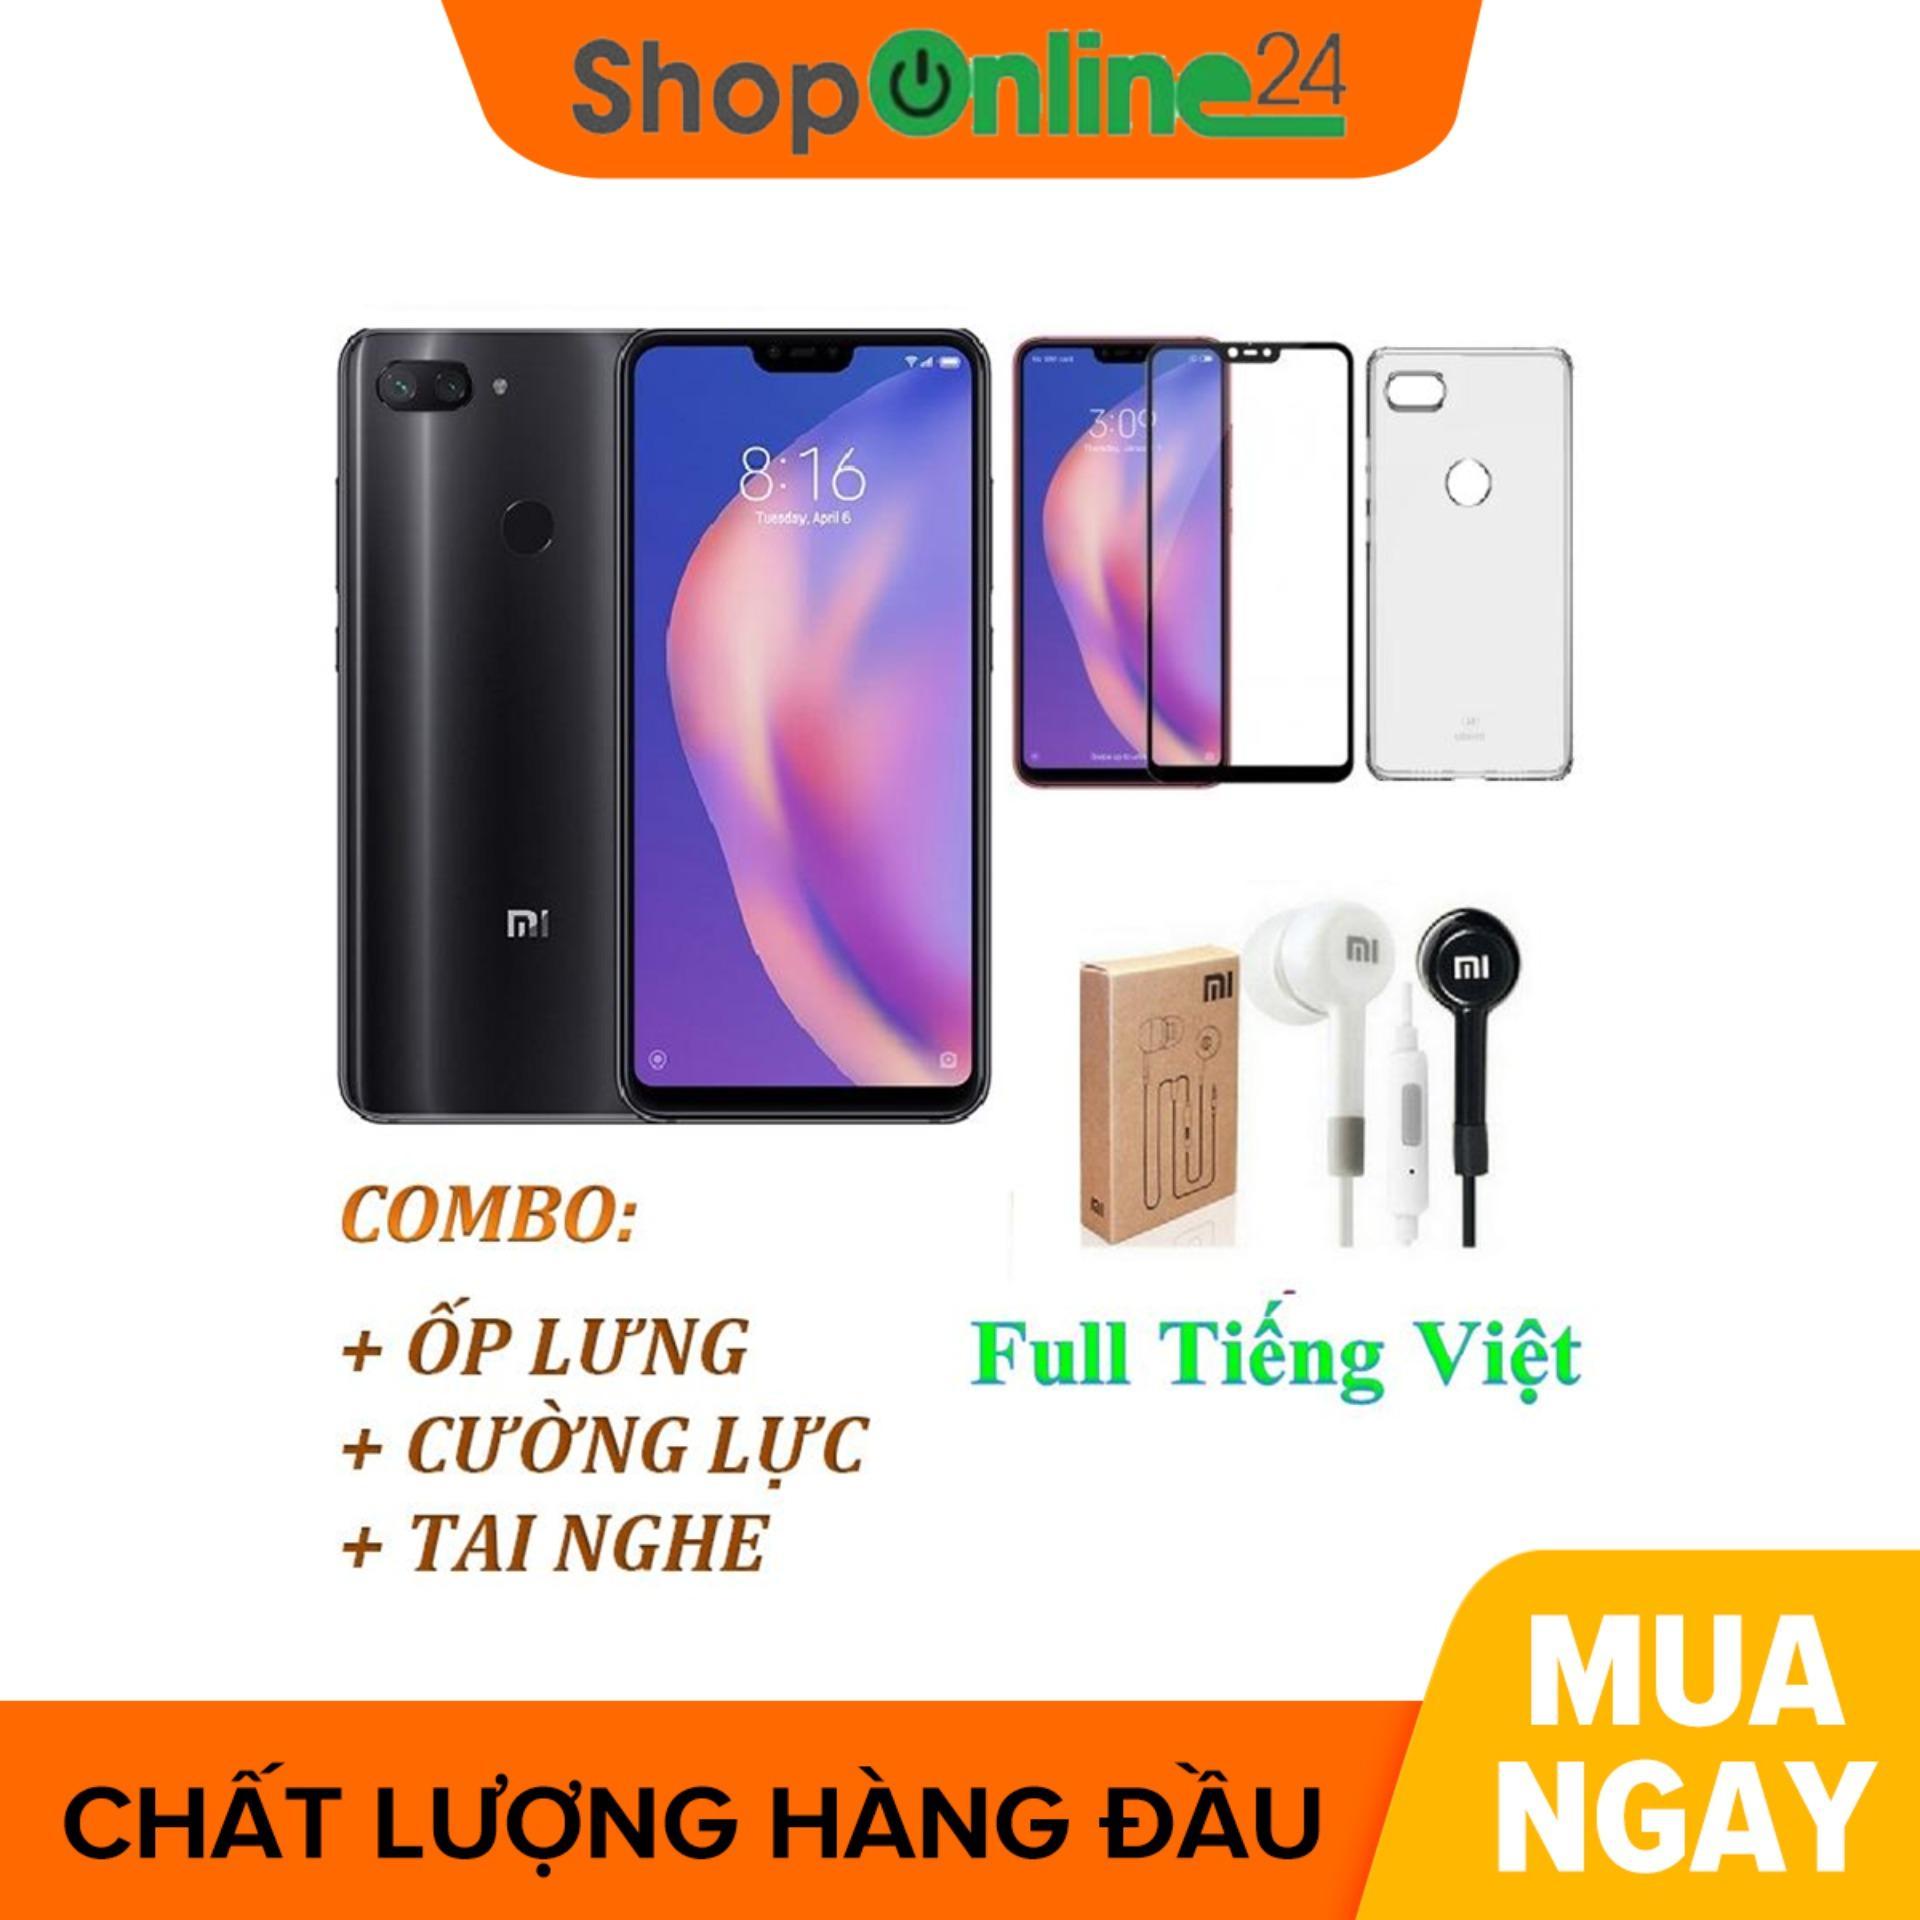 Xiaomi Mi 8 Lite 64GB Ram 4GB Đen (Full Tiếng Việt) + Ốp lưng + Cường lực + Tai nghe - Hàng nhập khẩu